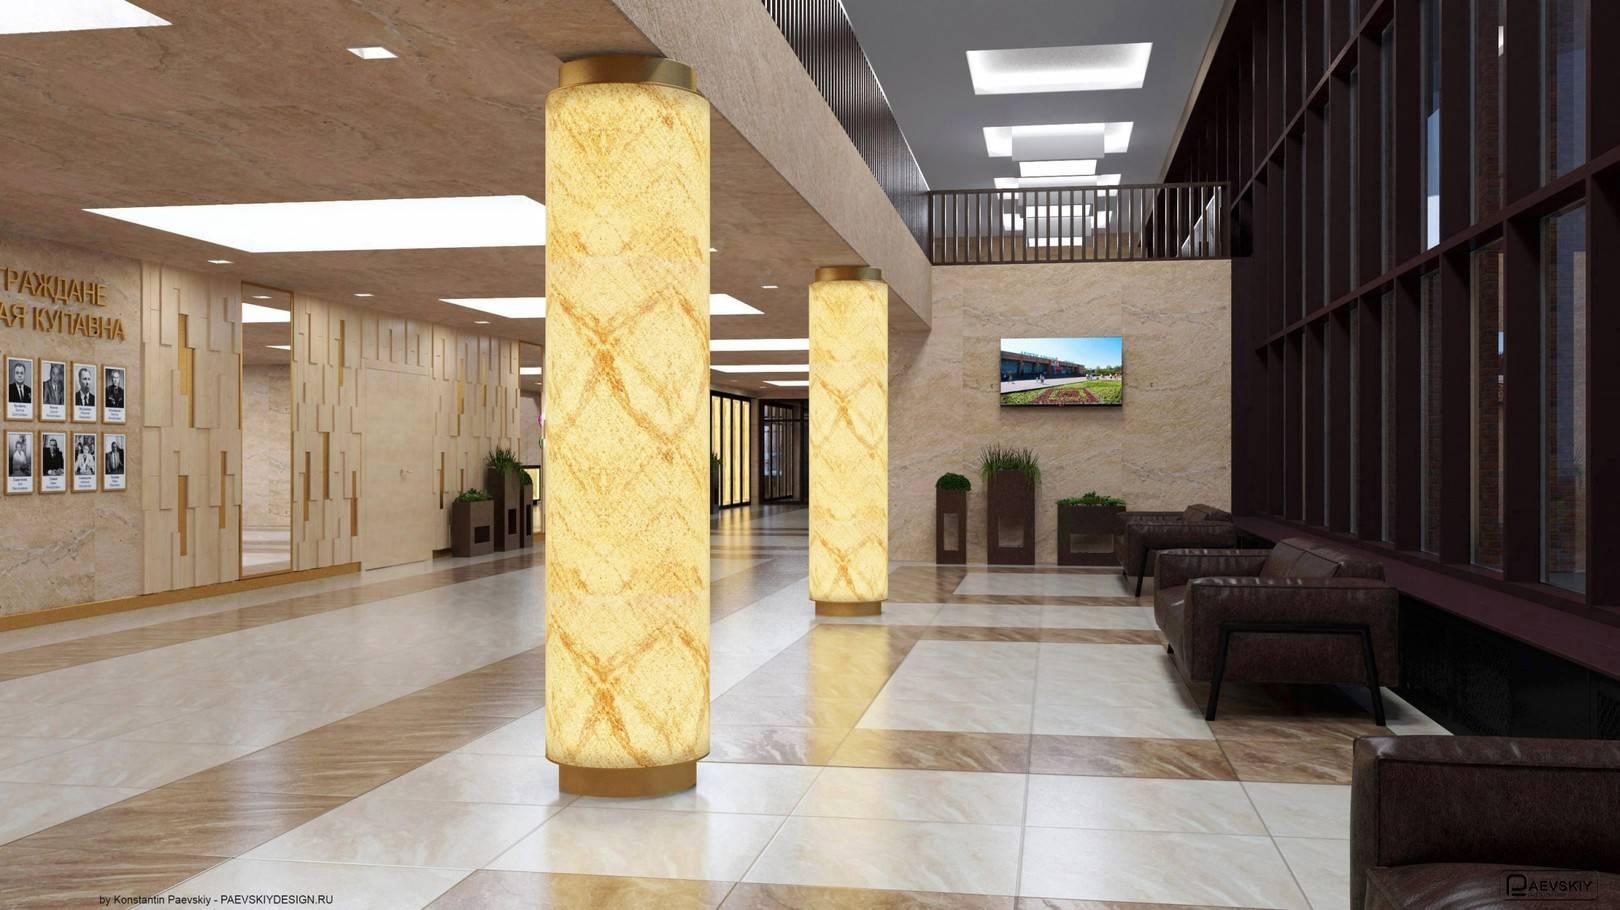 Фойе главного входа 1 этаж